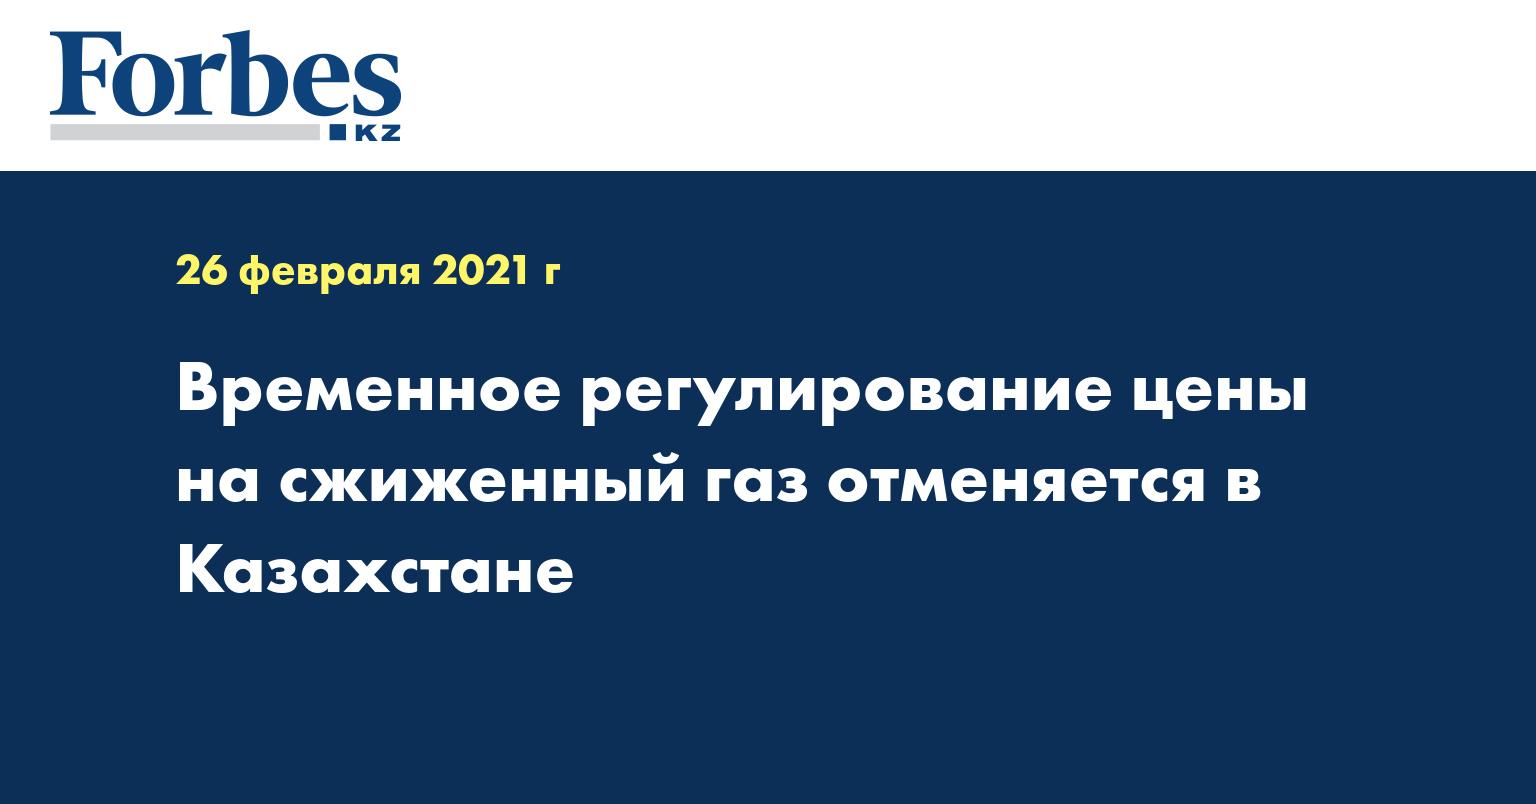 Временное регулирование цены на сжиженный газ отменяется в Казахстане